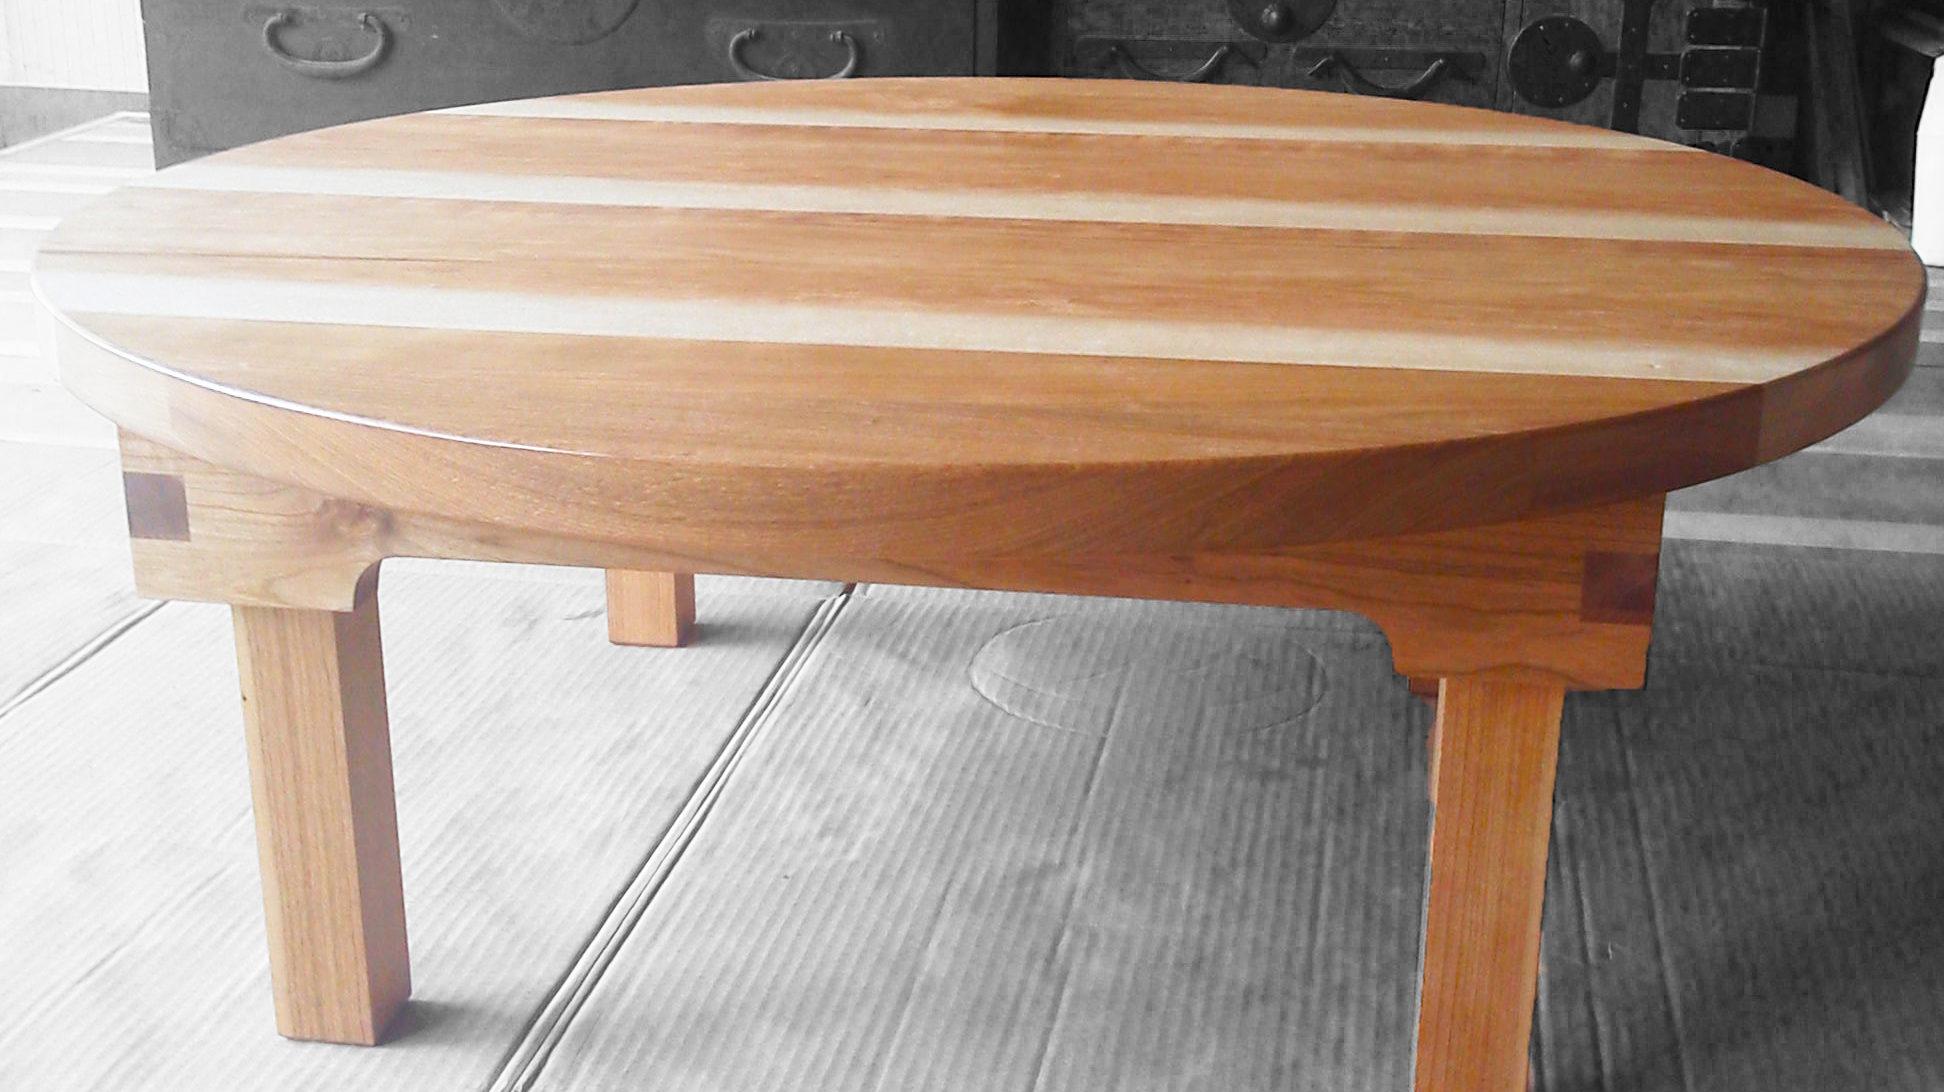 シュリザクラで作った折りたたみ式のちゃぶ台